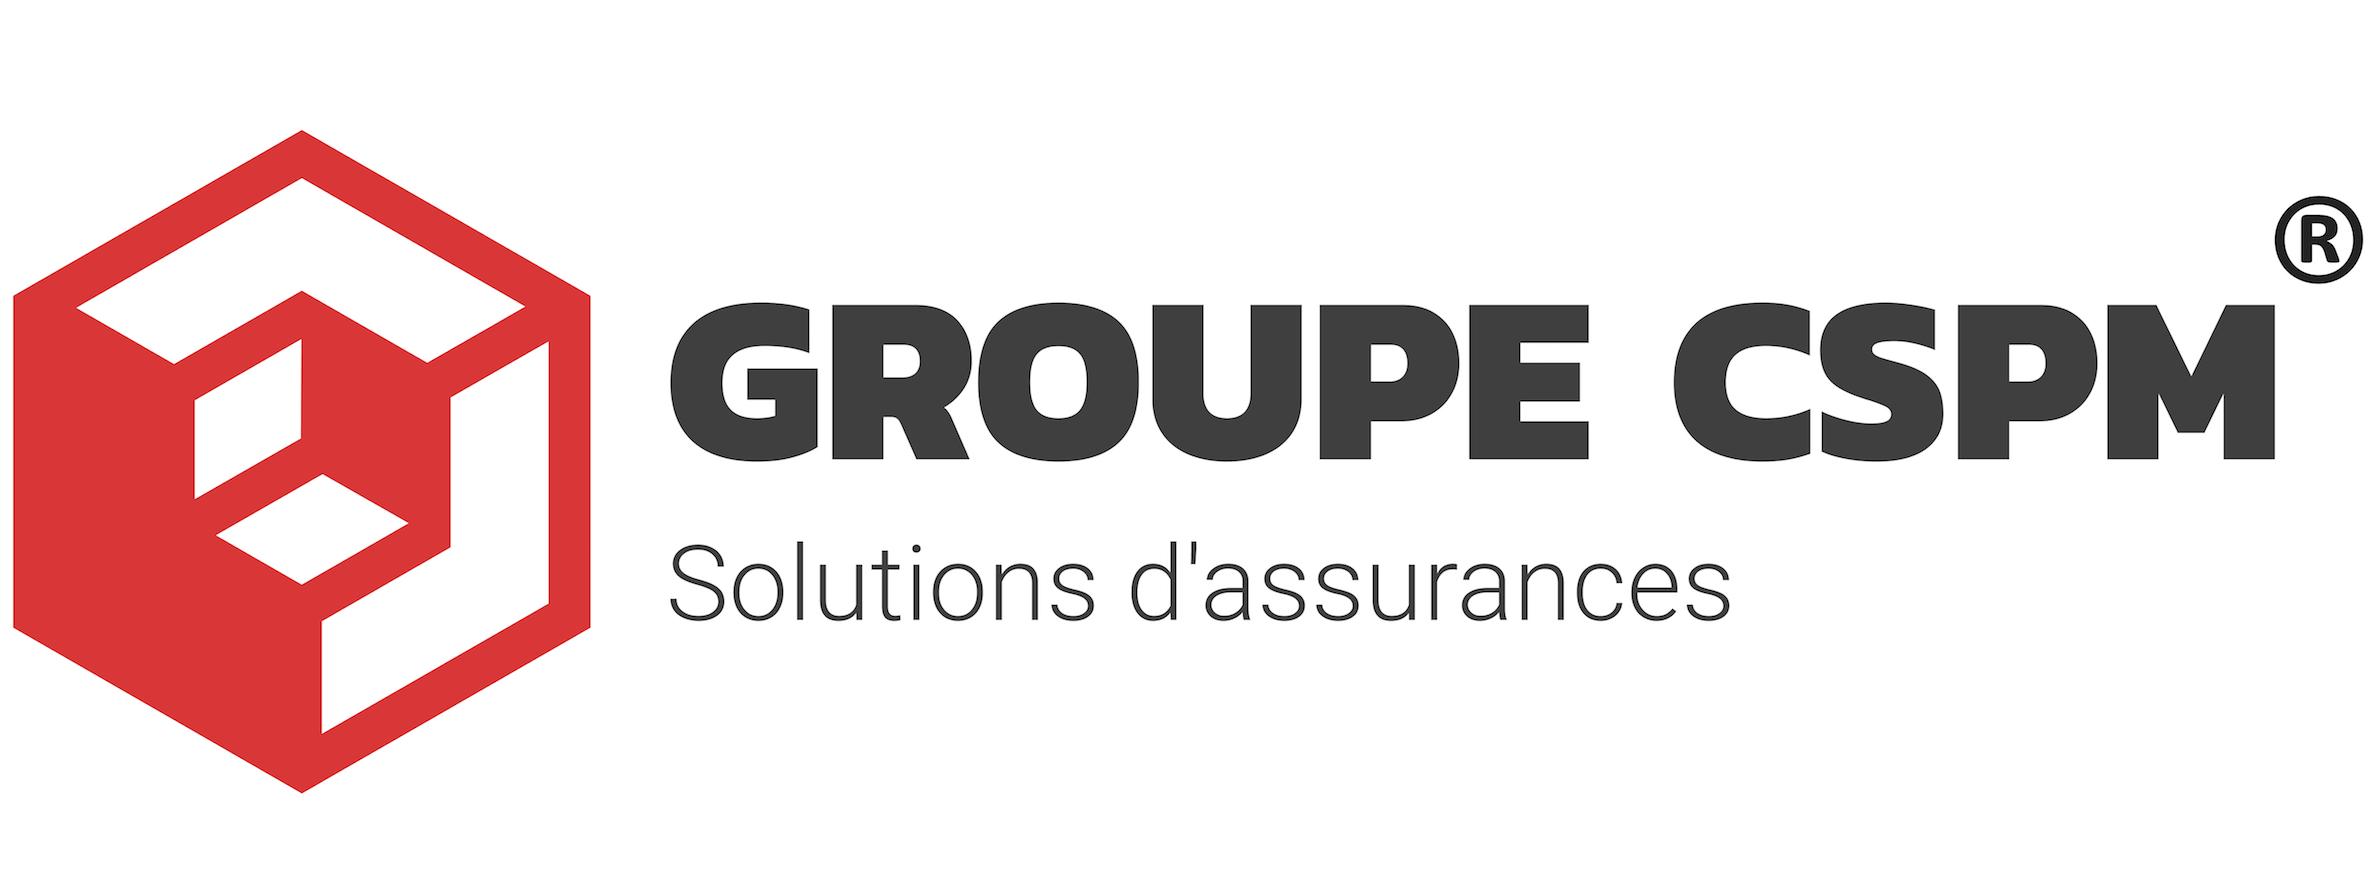 GROUPE CSPM | Assurances